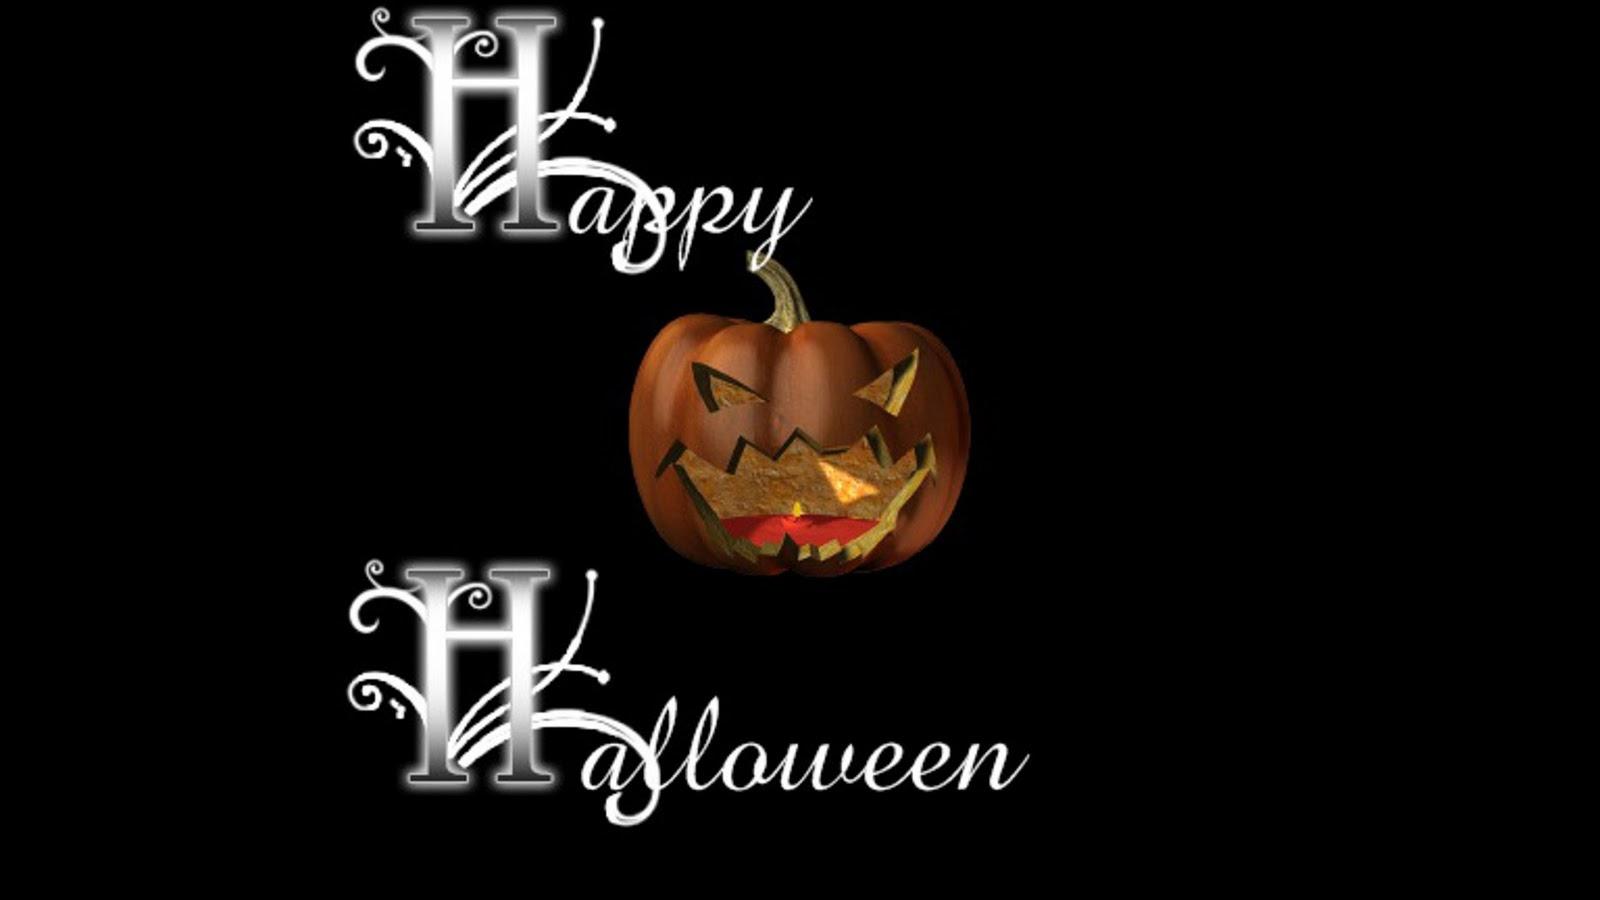 http2bpblogspotcom avwc80goicqtstbt0itpxi best desktop hd wallpaper halloween wallpapers - Desktop Wallpaper Halloween